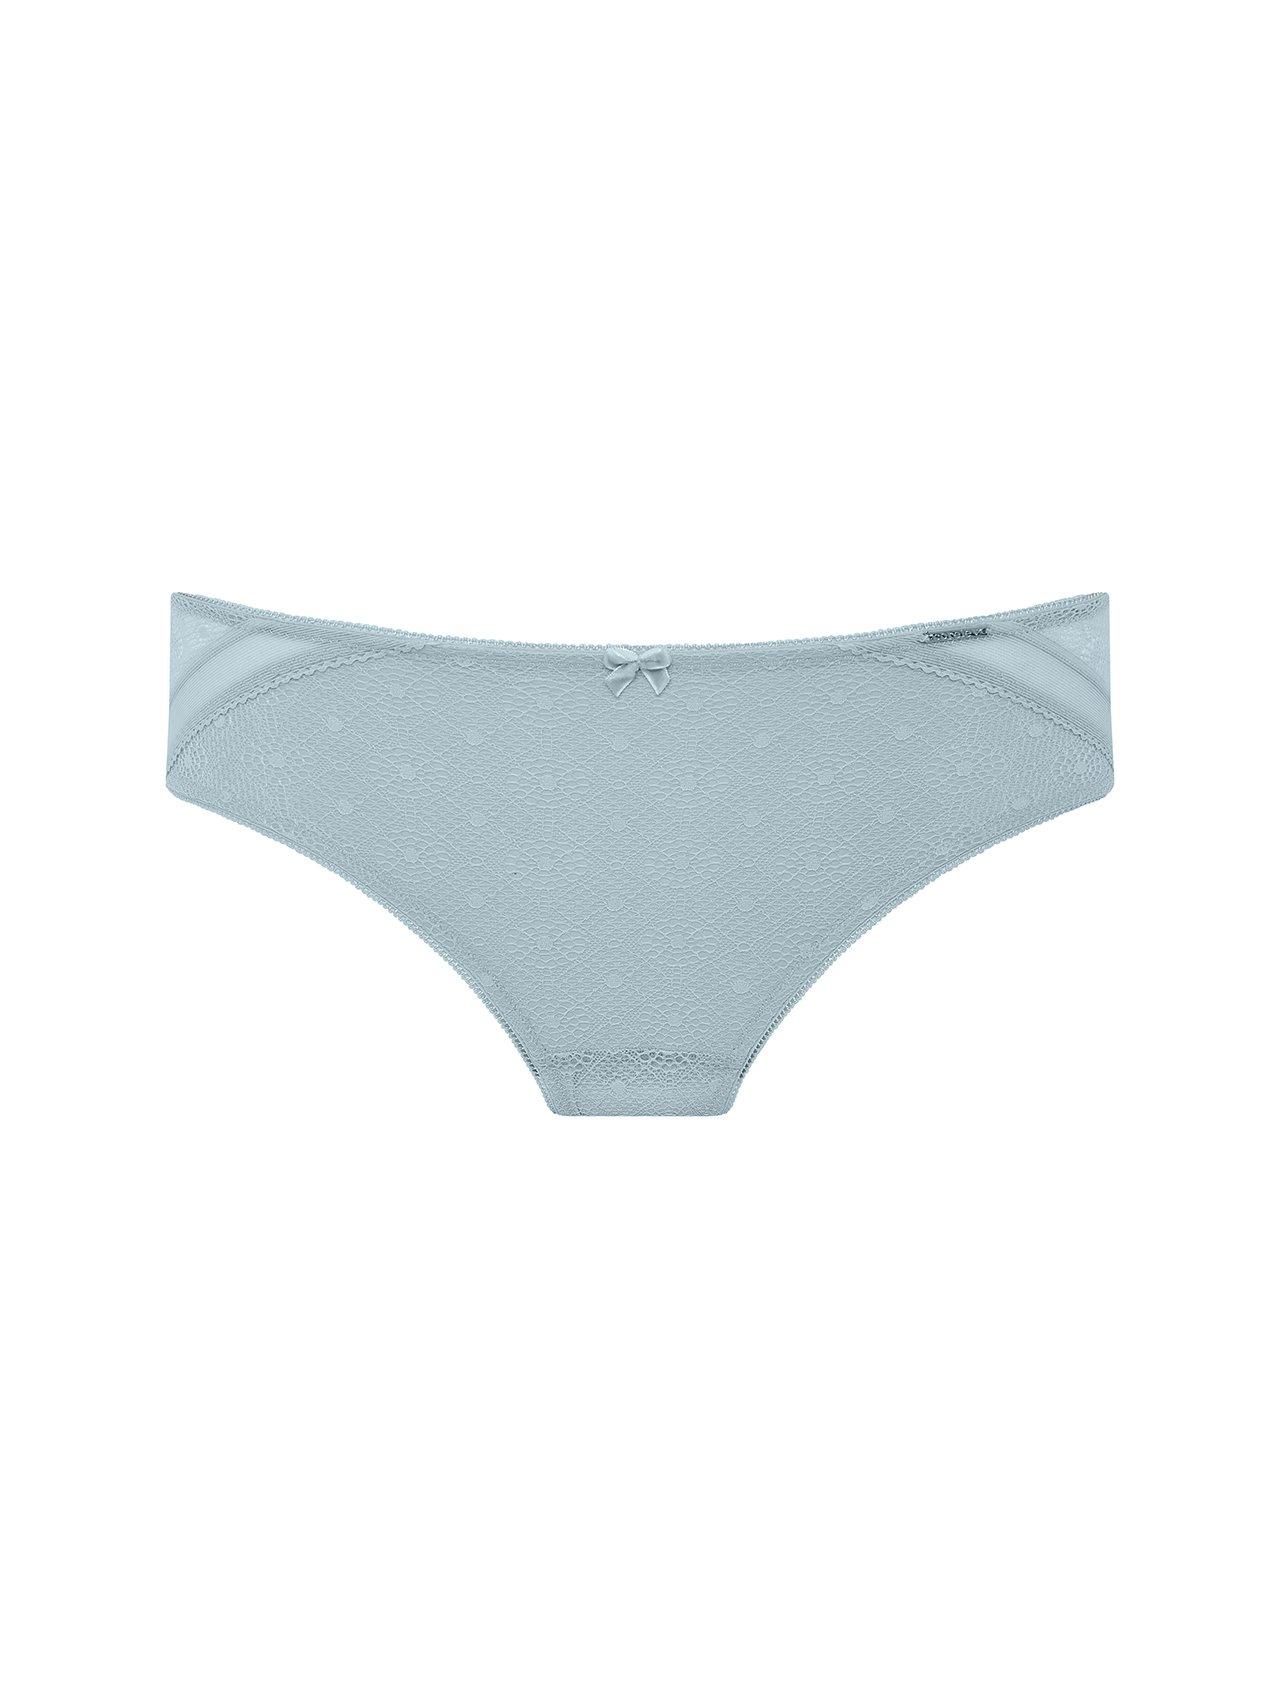 Quần Lót Lưng Vừa - 0222A